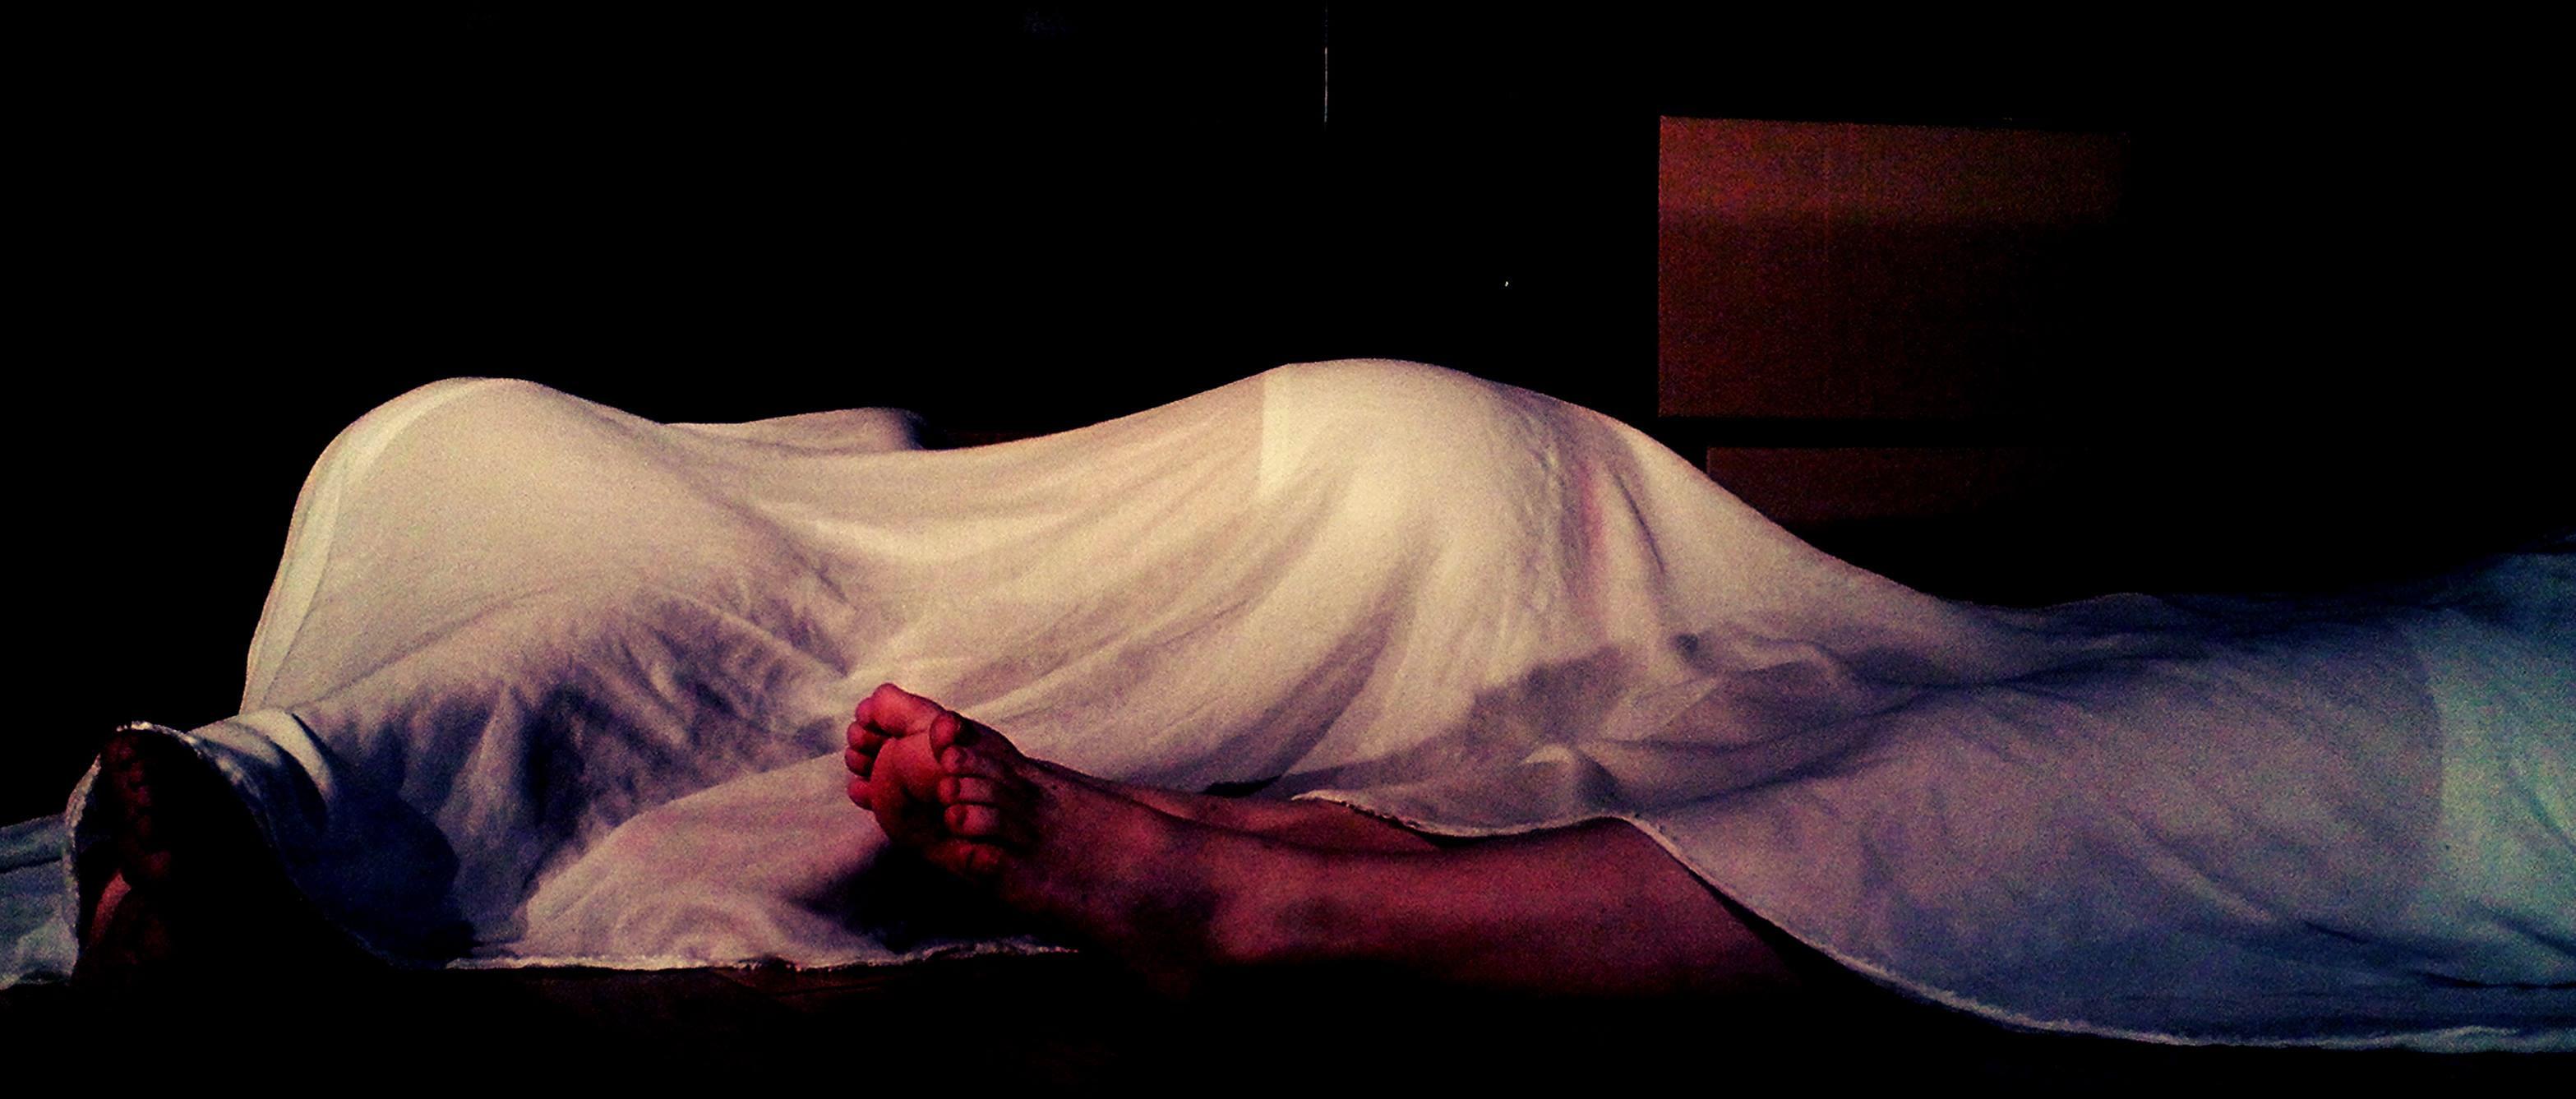 """<p>Domenica 16 ottobre alle 17 presso il Teatro Lolli di Imola si terrà """"Il giorno sempre susseguente"""". Riflessioni di Linda La Rocca, responsabile del Centro antiviolenza dell'associazione e testimonianze della psichiatra Luciana Degano. A seguire lo spettacolo teatrale """"Il ponte sopra il confine"""" della compagnia EXIT in collaborazione con E [&hellip;]</p>"""